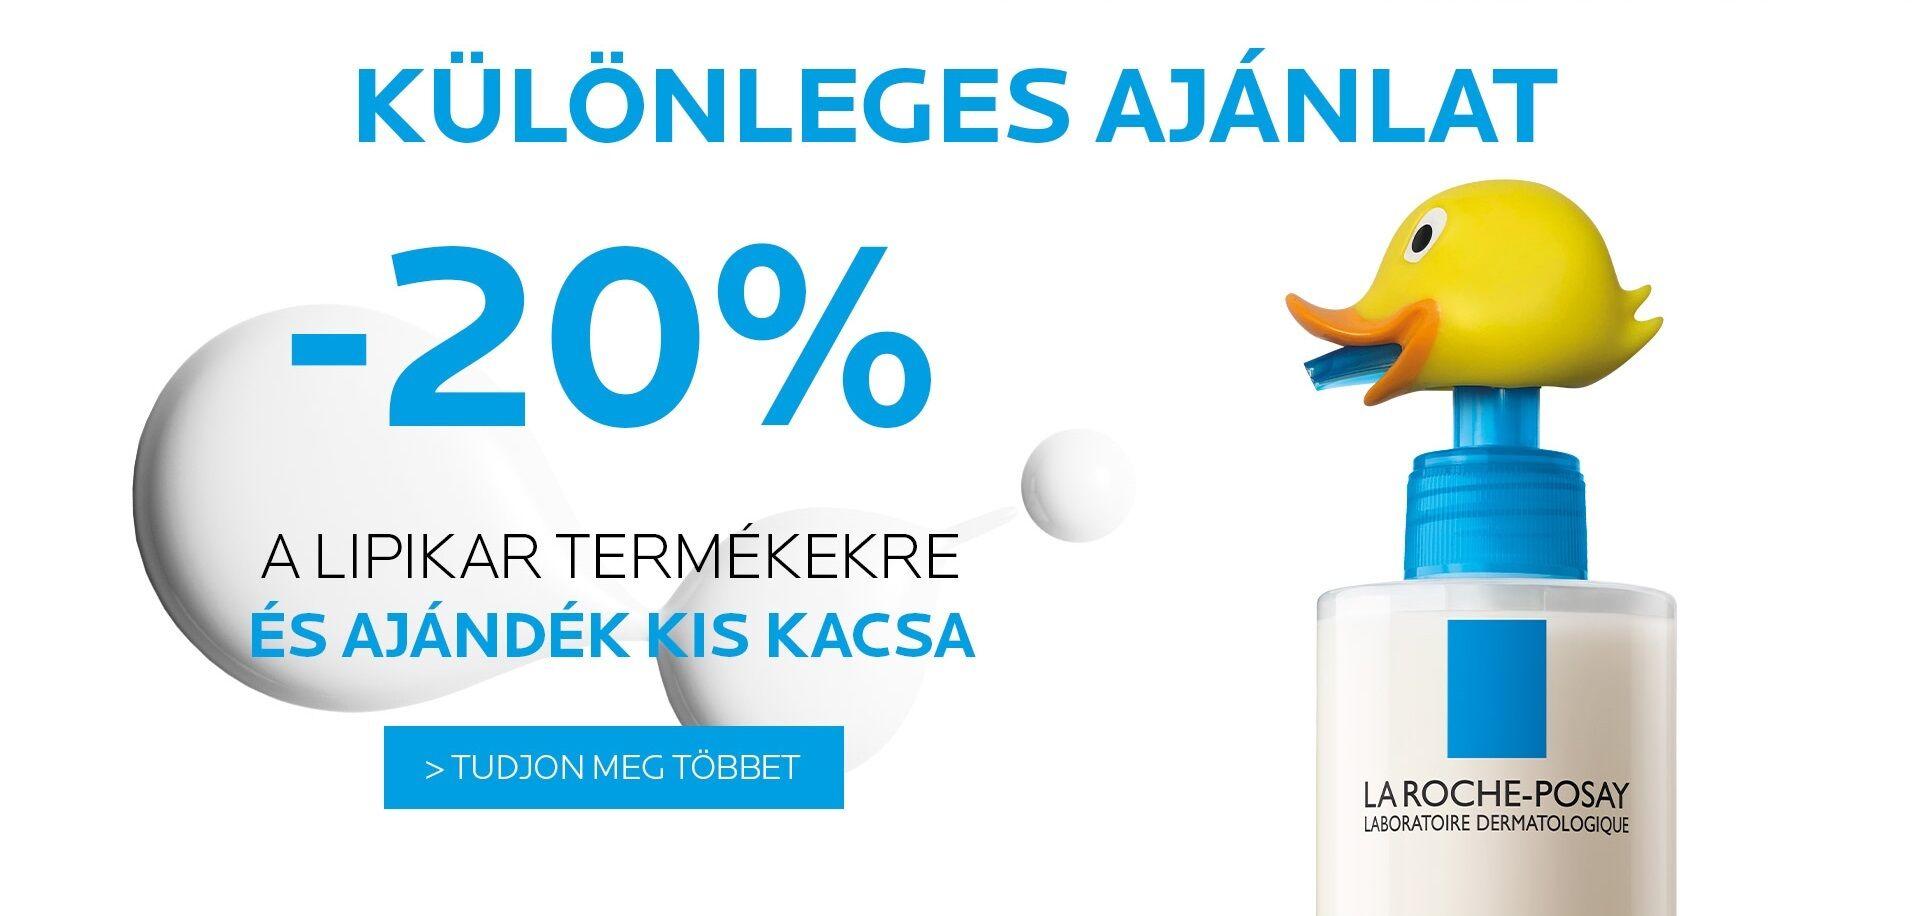 La Roche-Posay Lipikar különleges ajánlat: 2020. november 12-22. között 20% kedvezmény minden Lipikar termékre és ajándék kiskacsa.